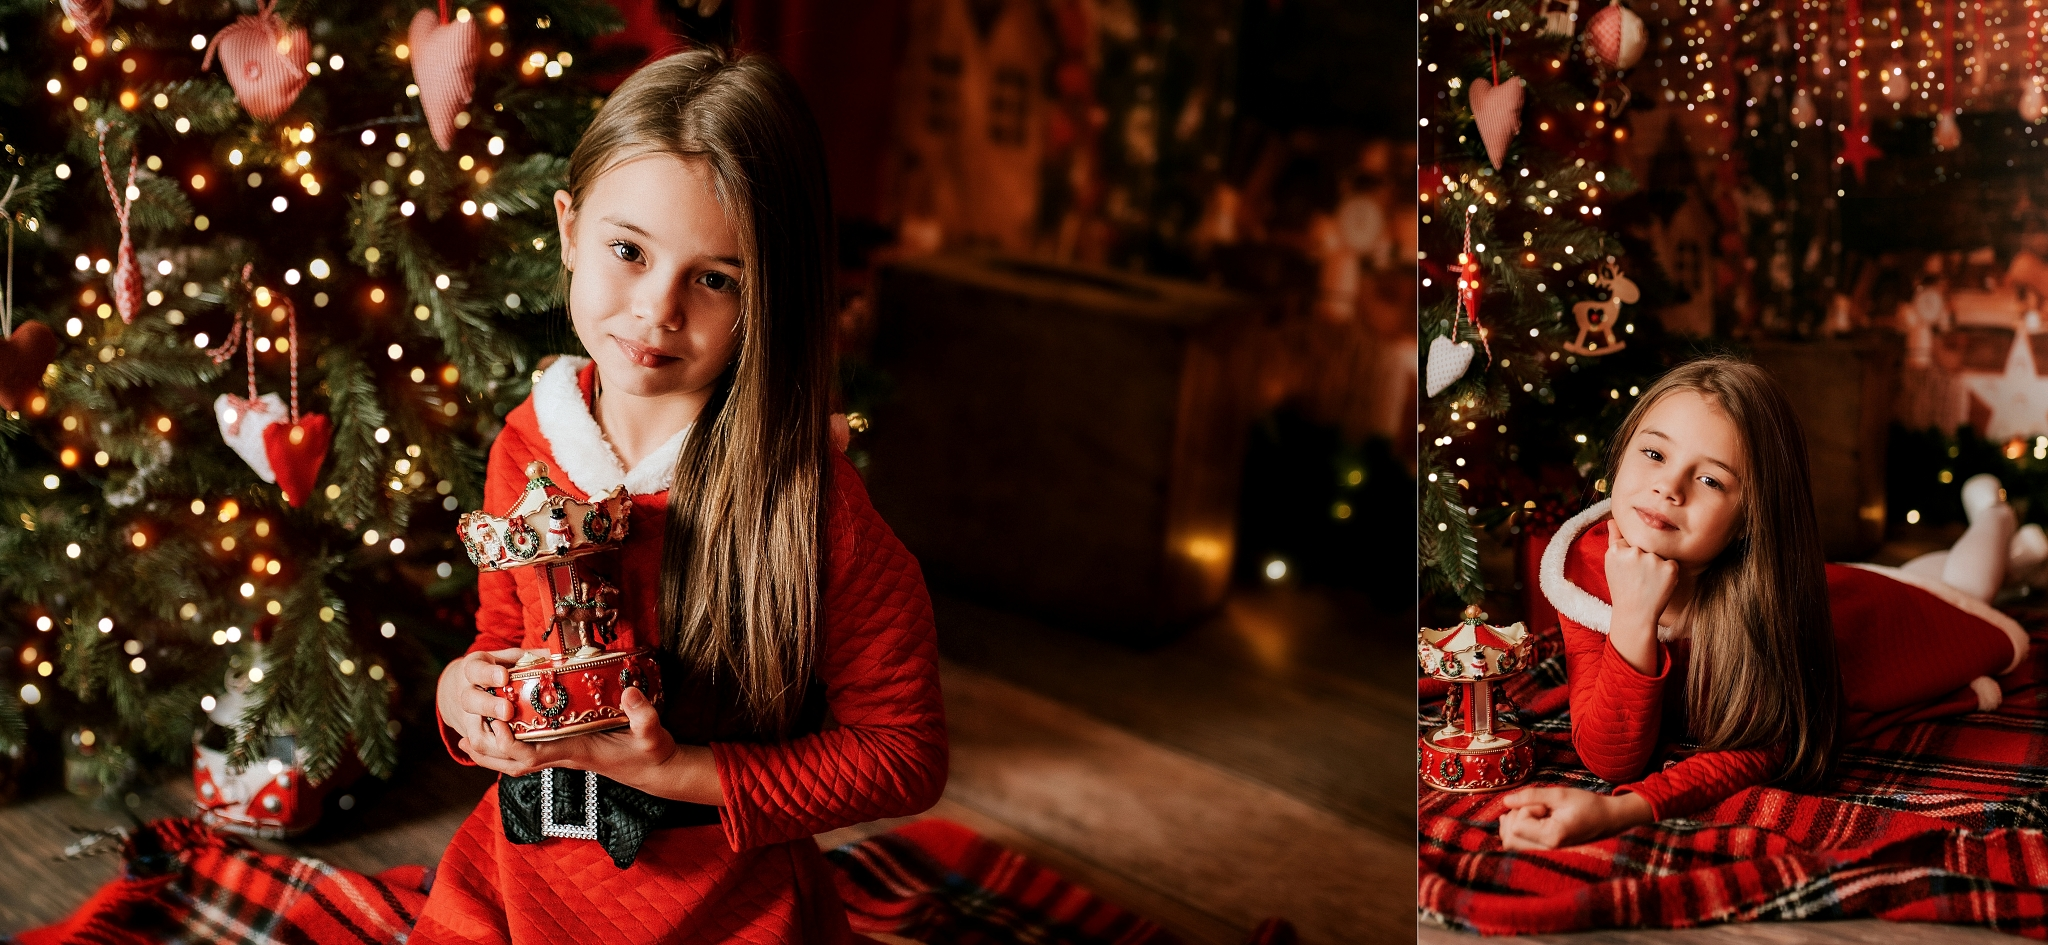 Boże Narodzenie 2020, mini sesja świąteczna 2020, Mini sesje świąteczne Szczecin